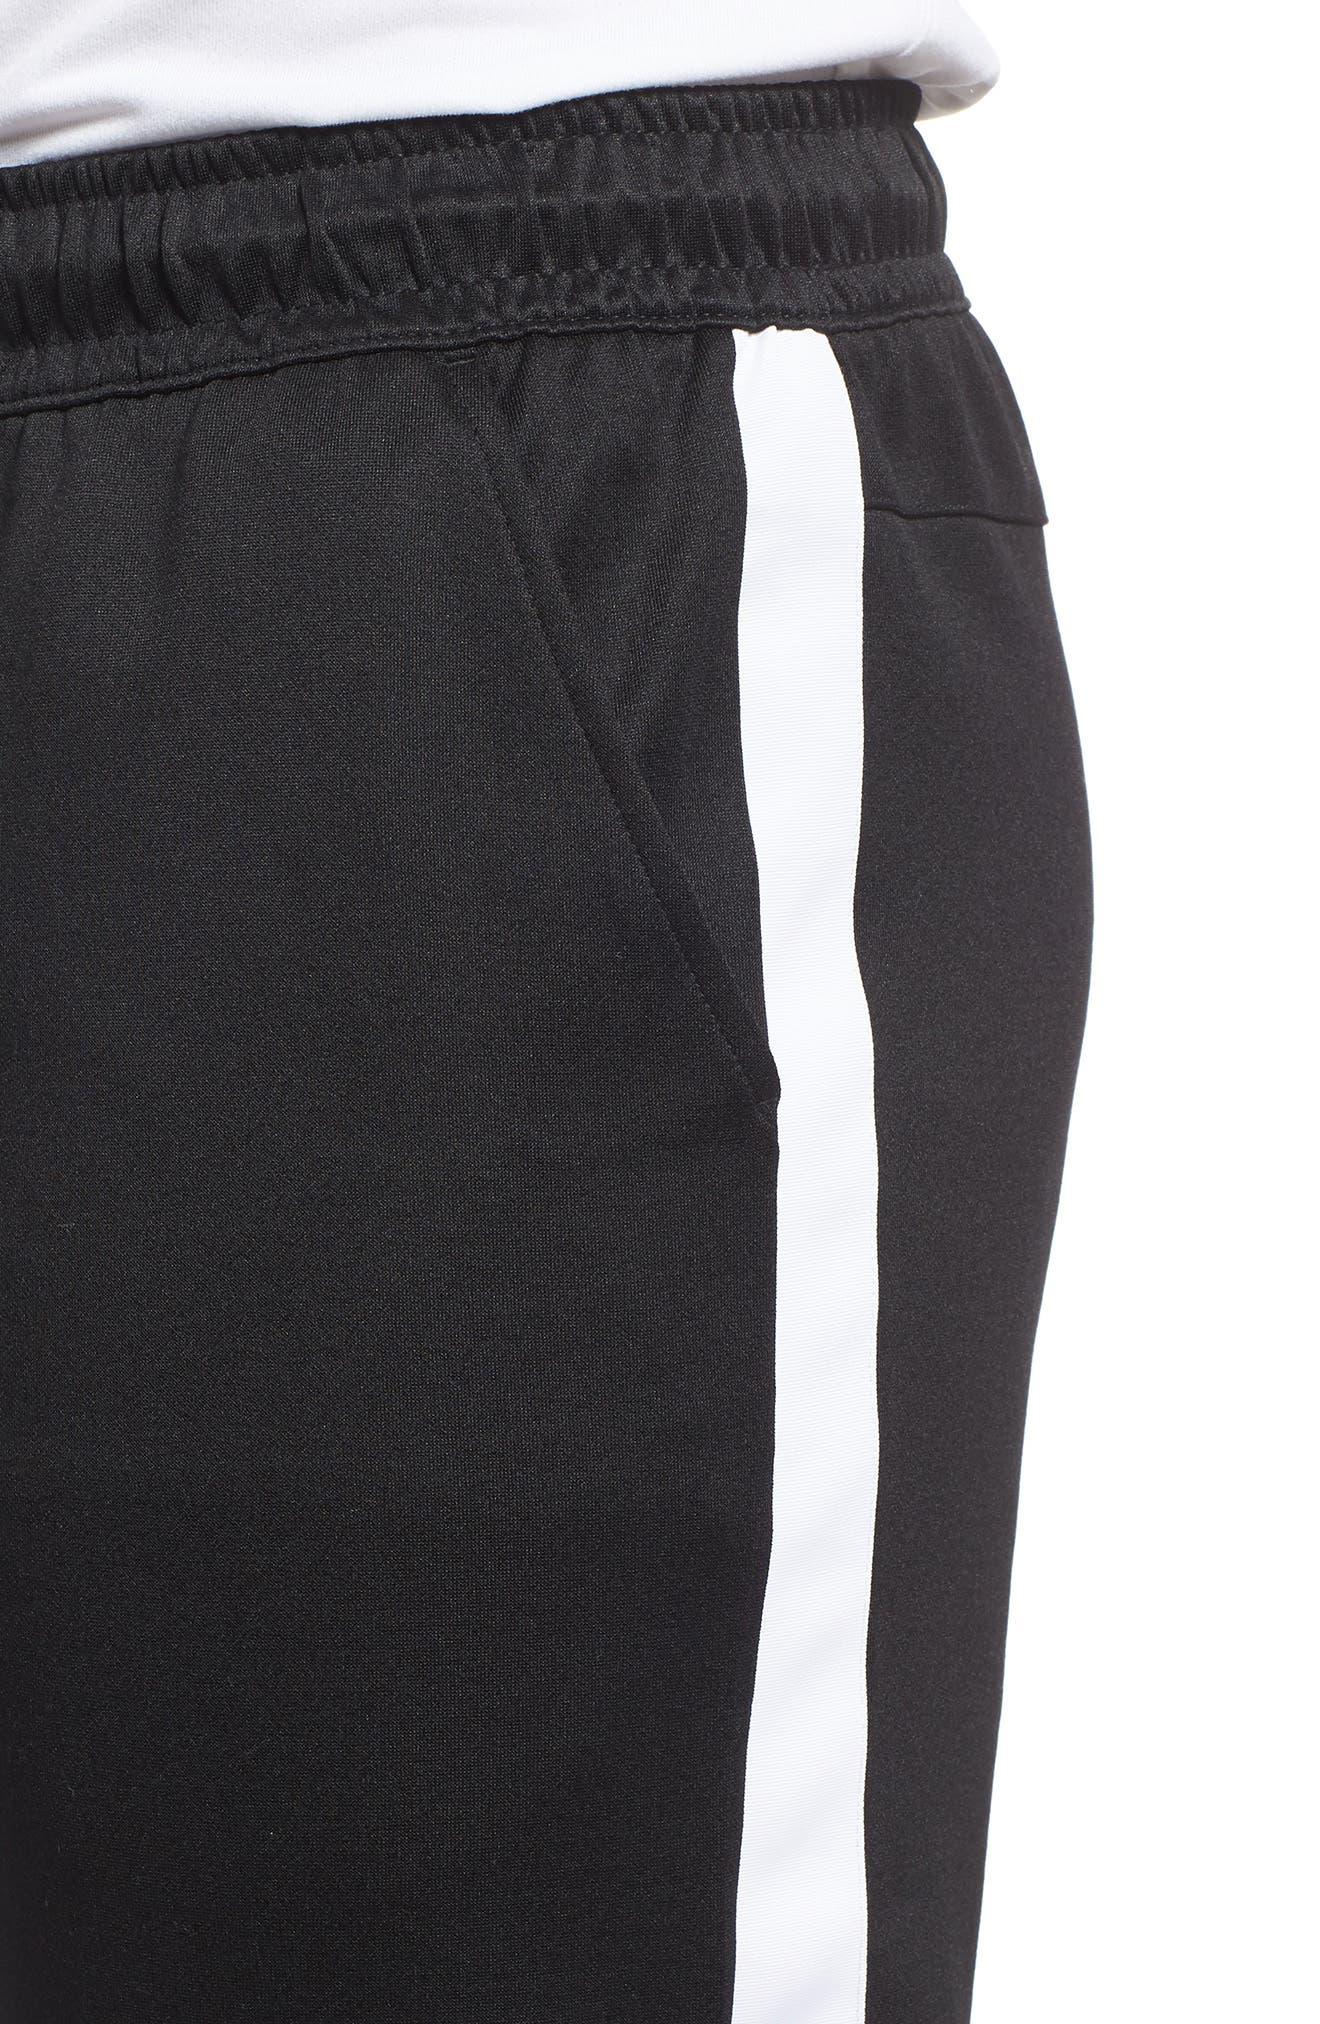 NSW Tribute Jogger Pants,                             Alternate thumbnail 4, color,                             Black/ White/ White